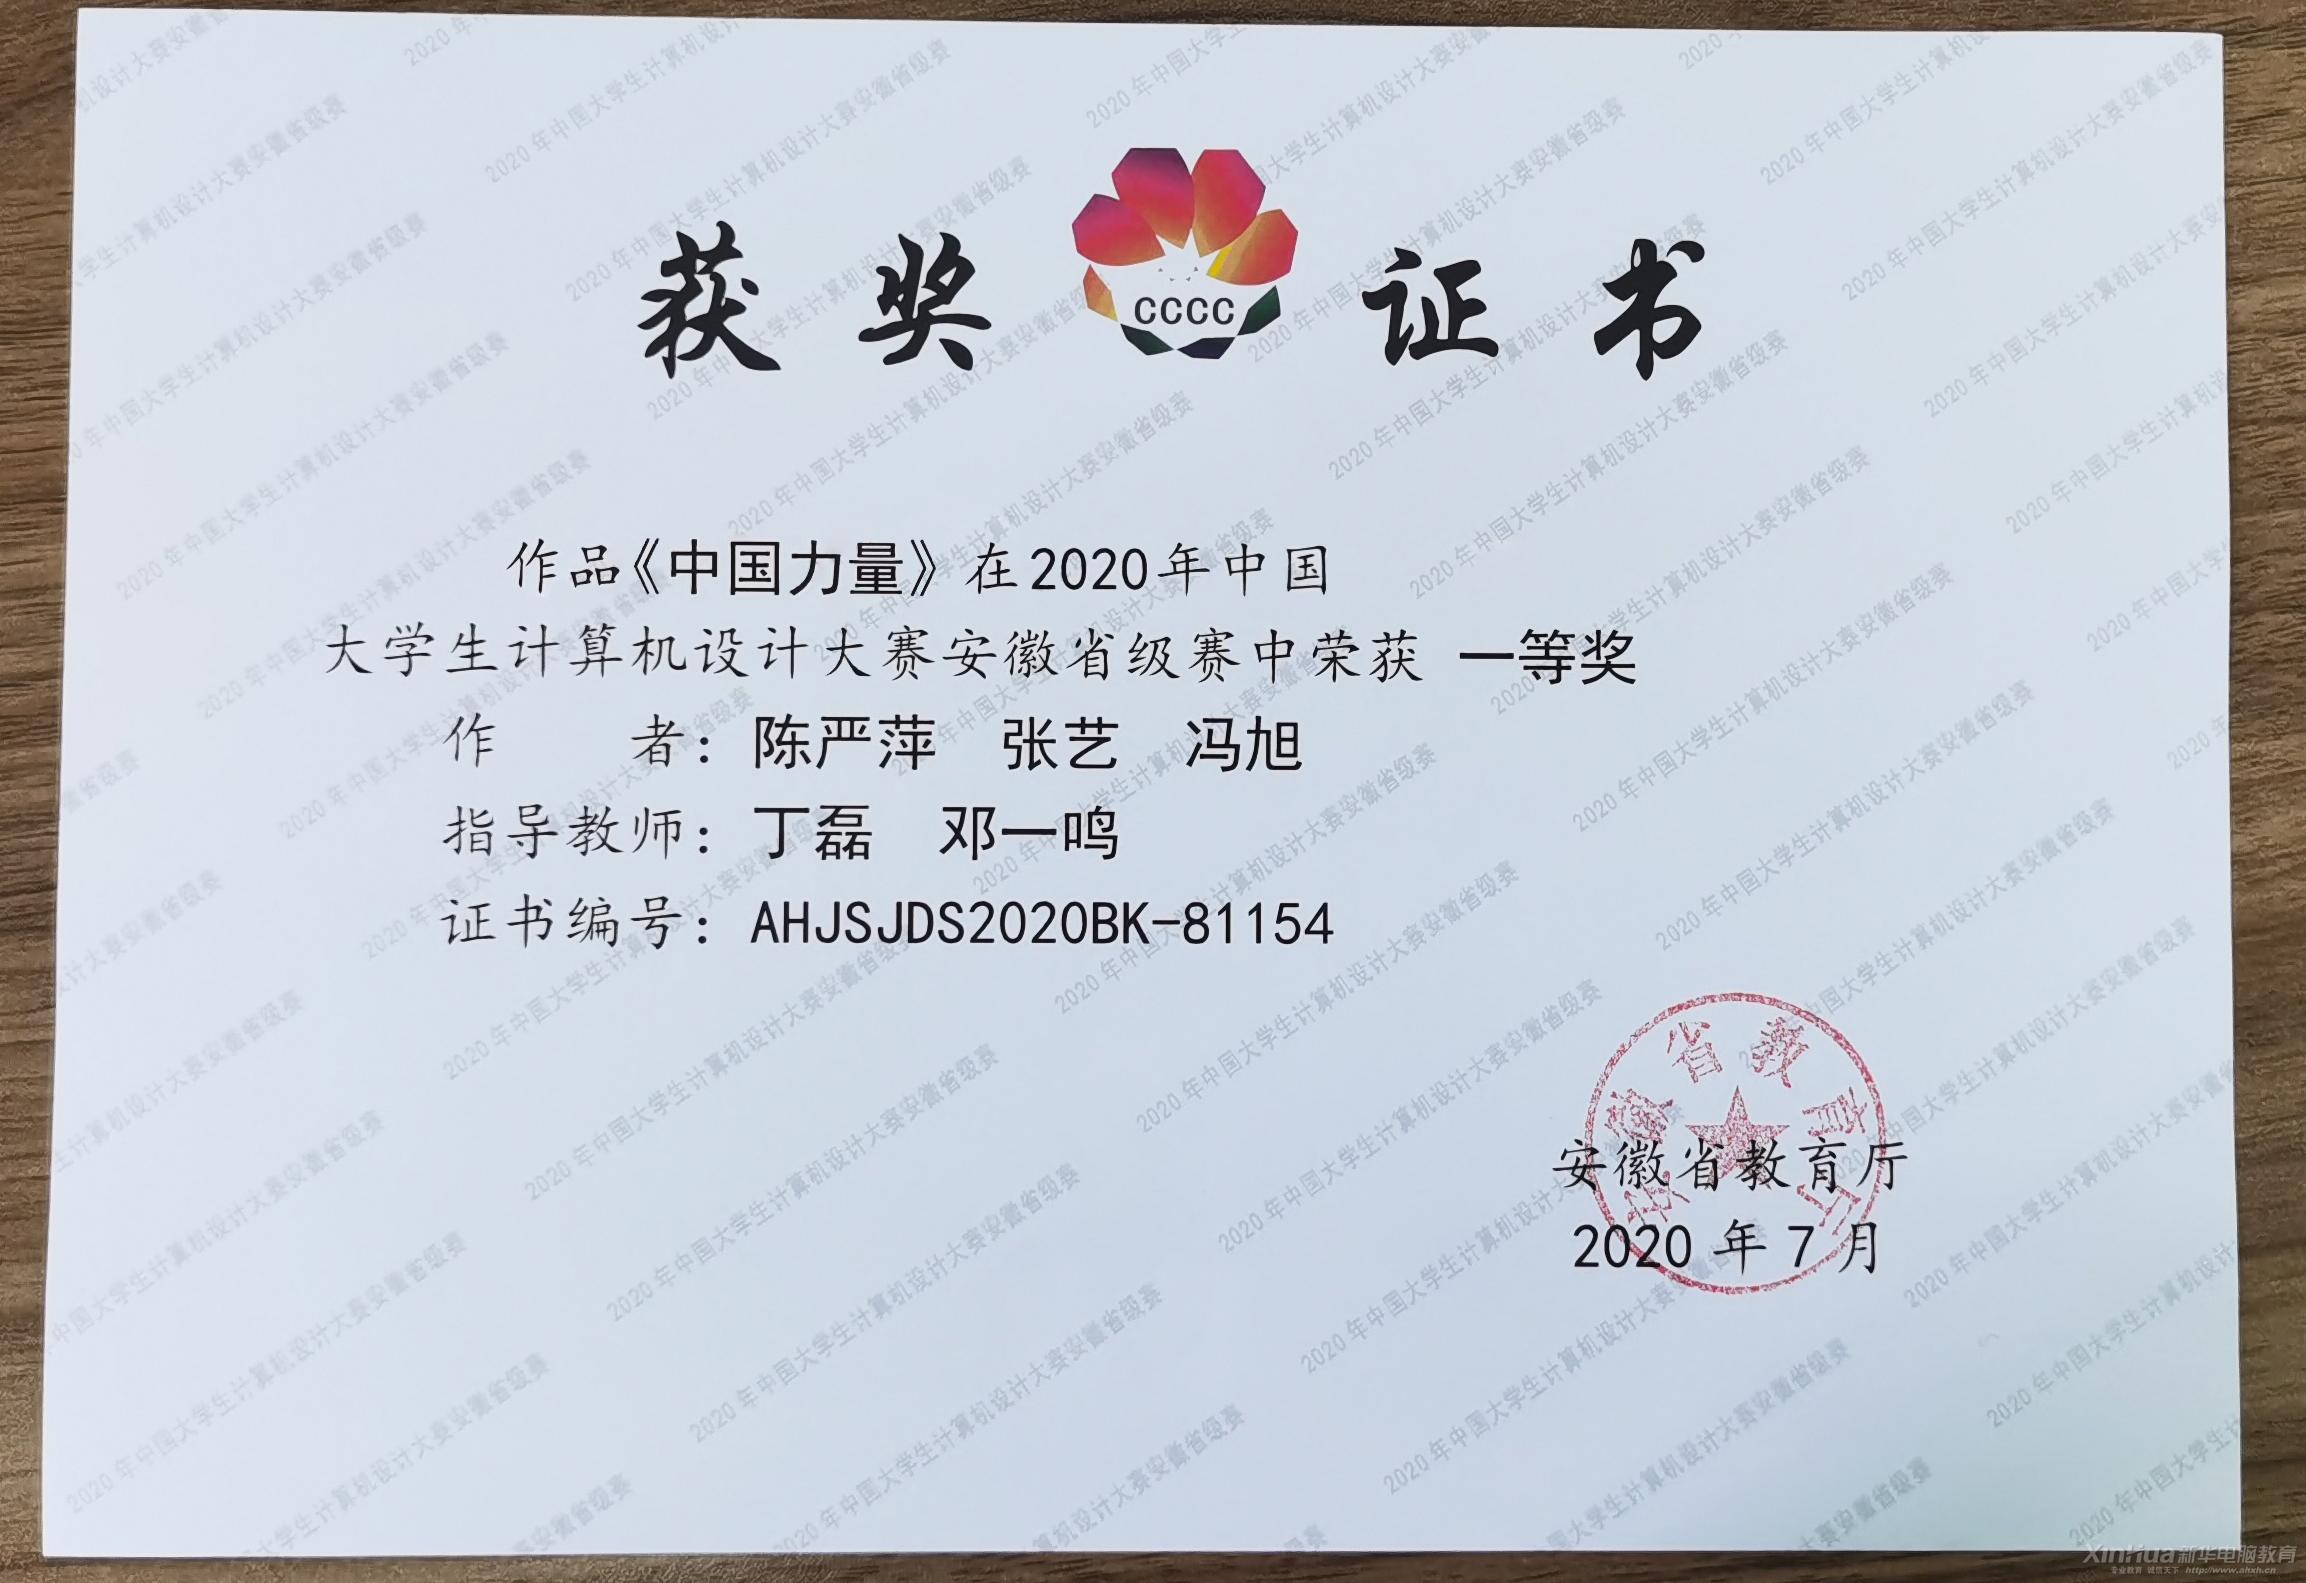 优秀!新华学子在中国大学生计算机设计大赛中再获佳绩!